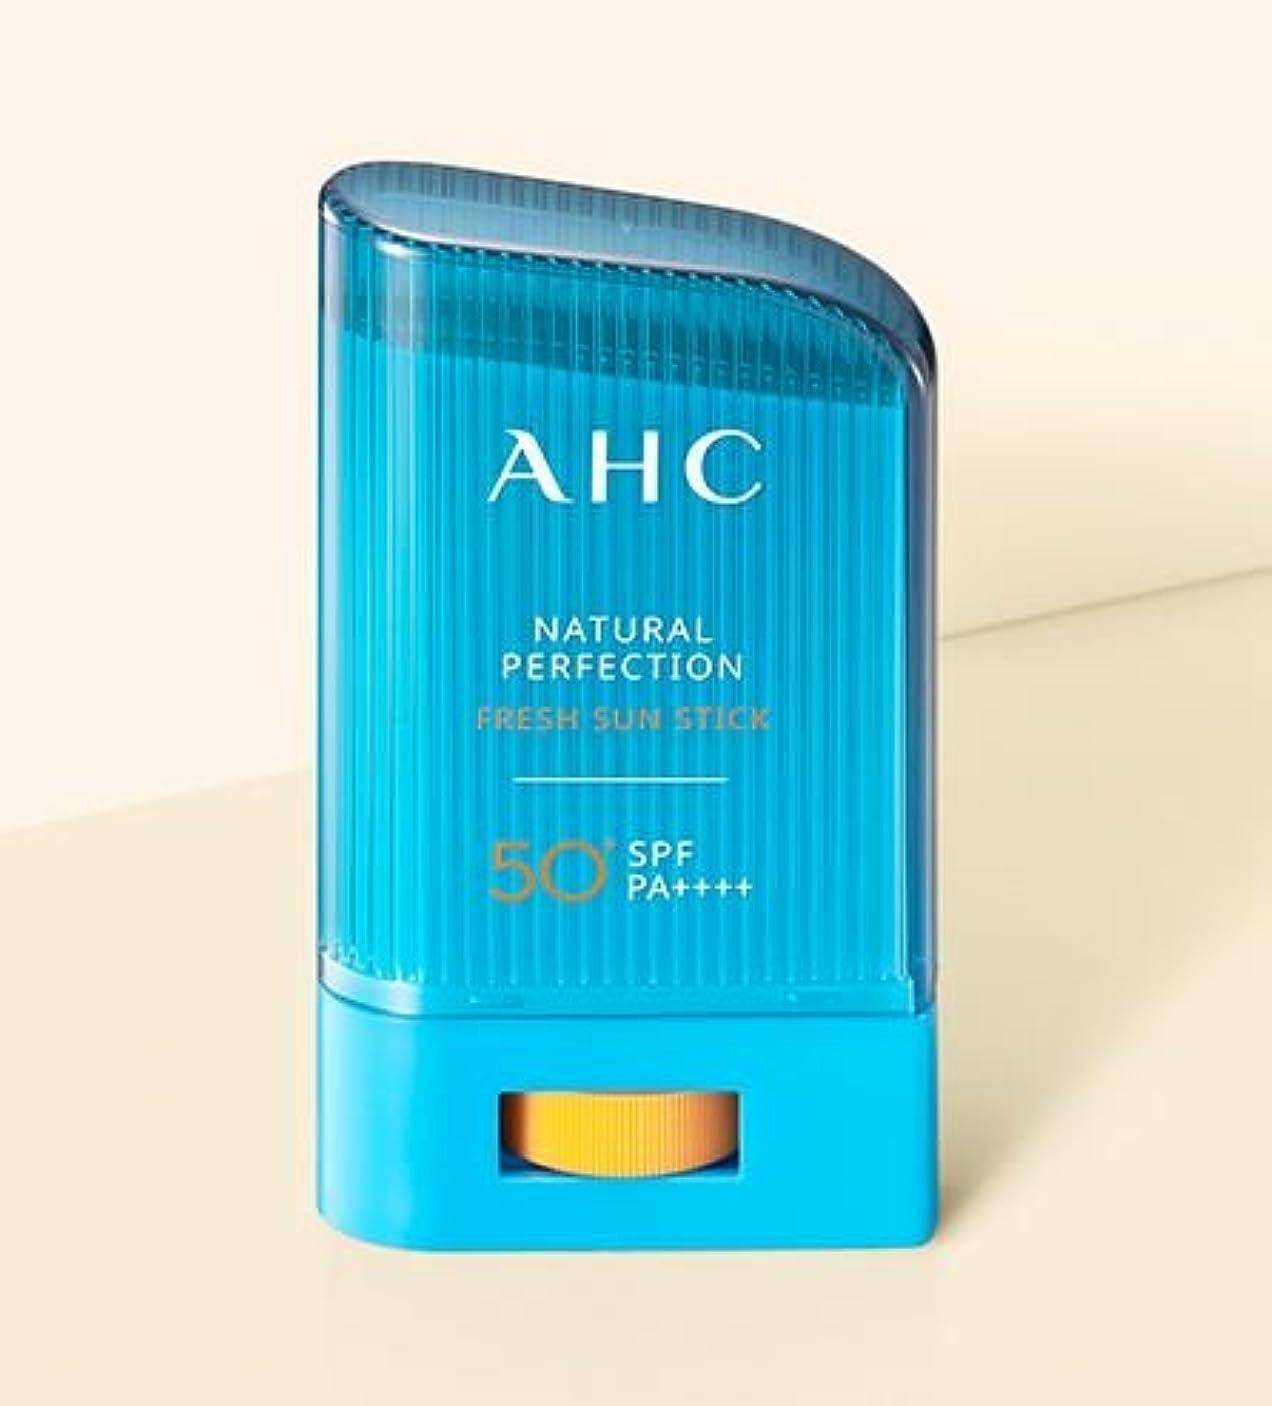 引き受ける治療荷物AHC Natural perfection fresh sun stick (22g) [並行輸入品]